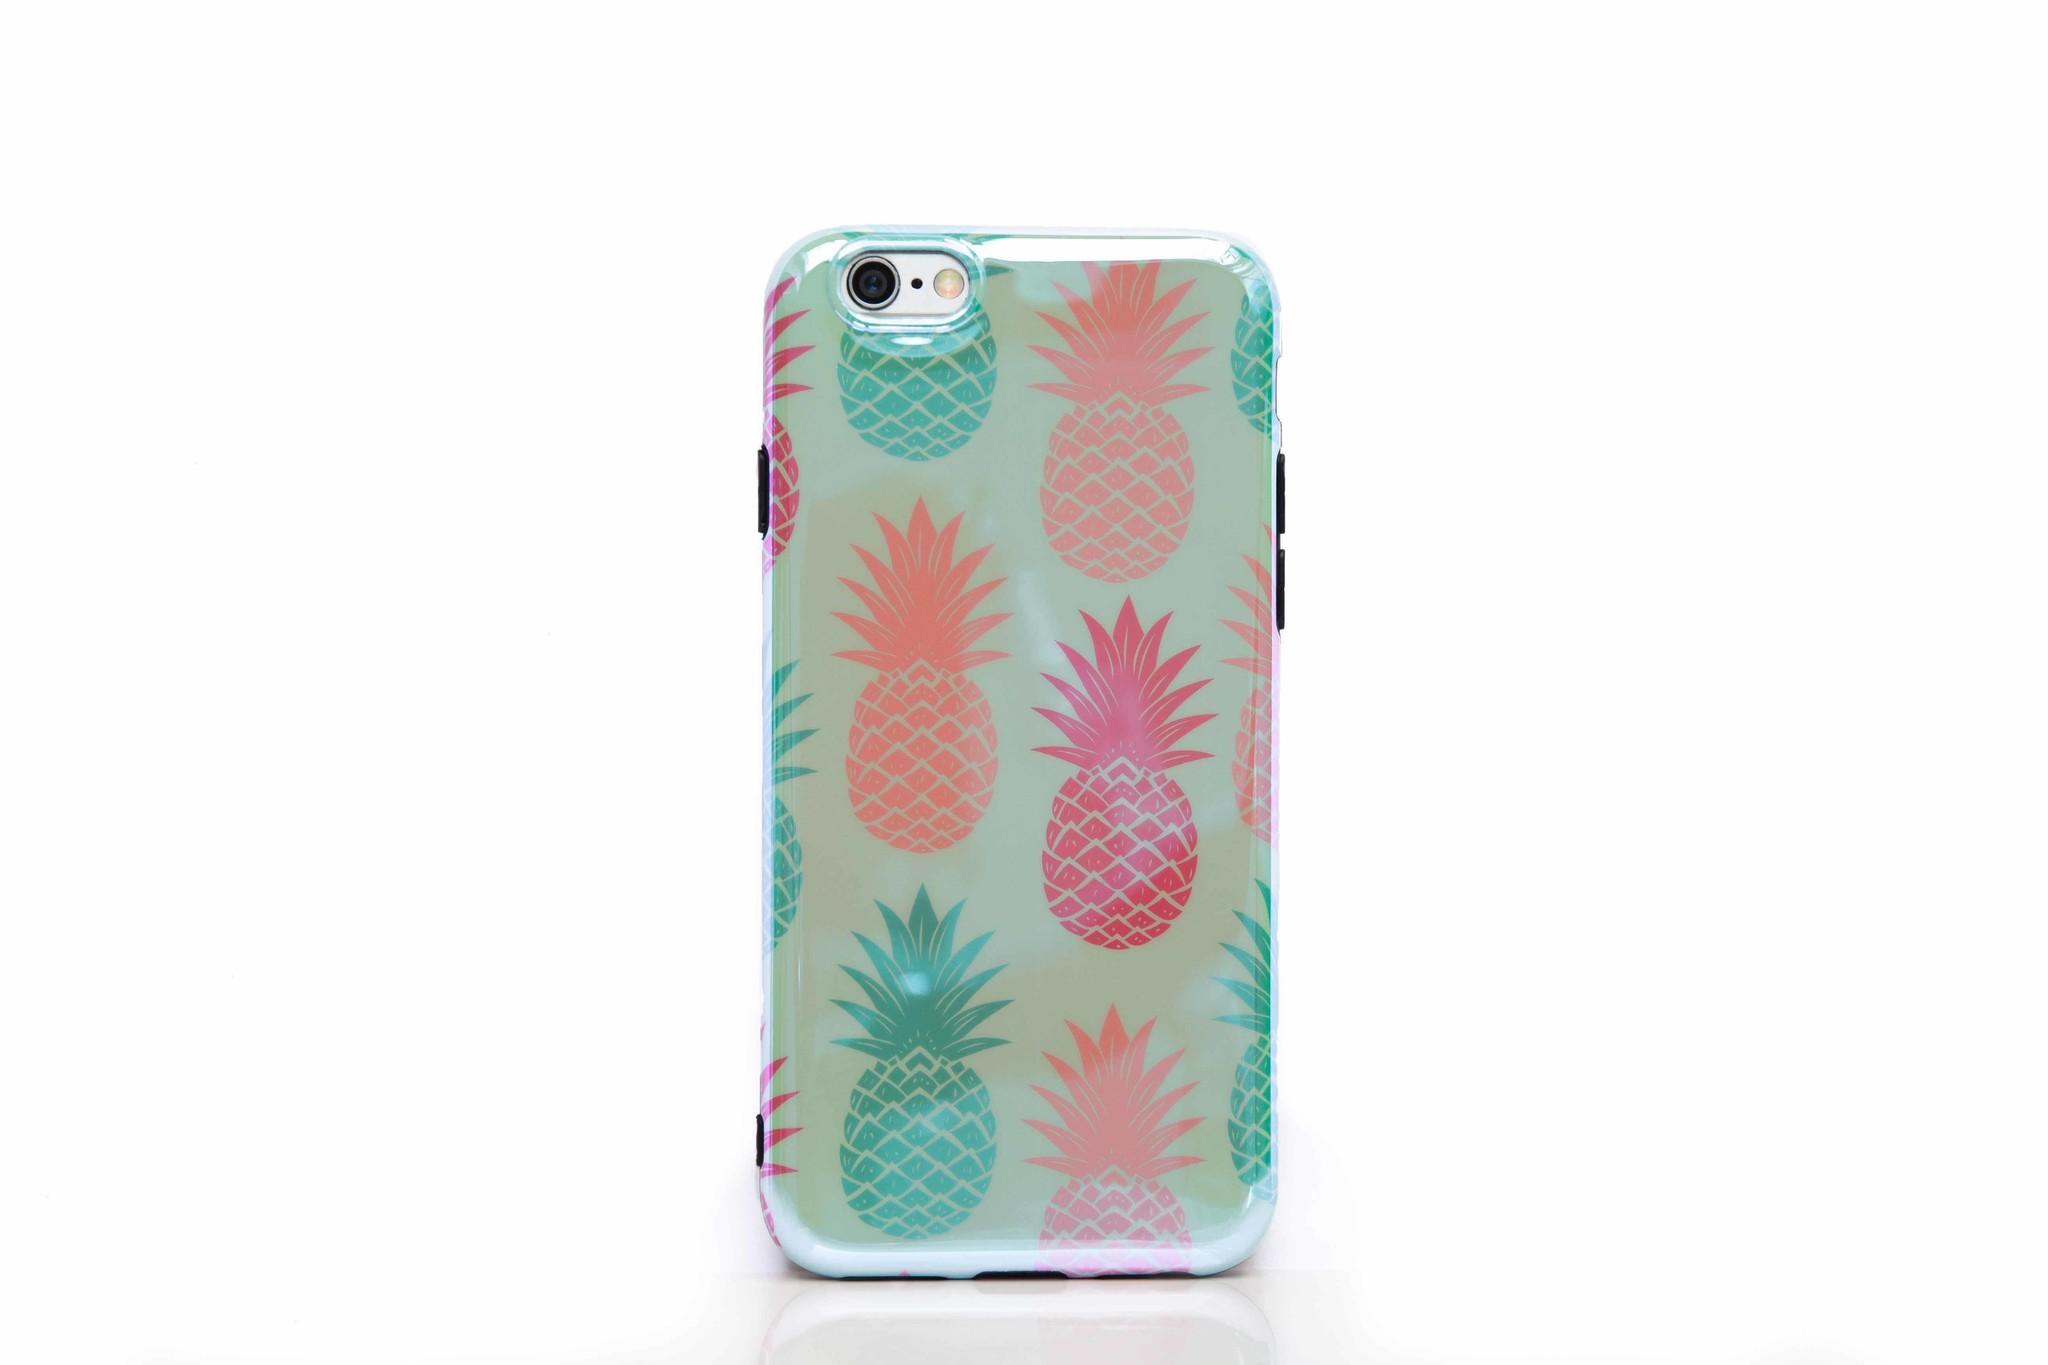 Smartphonehoesje iPhone 6s | Summervibes (ananas) | Blauwroze